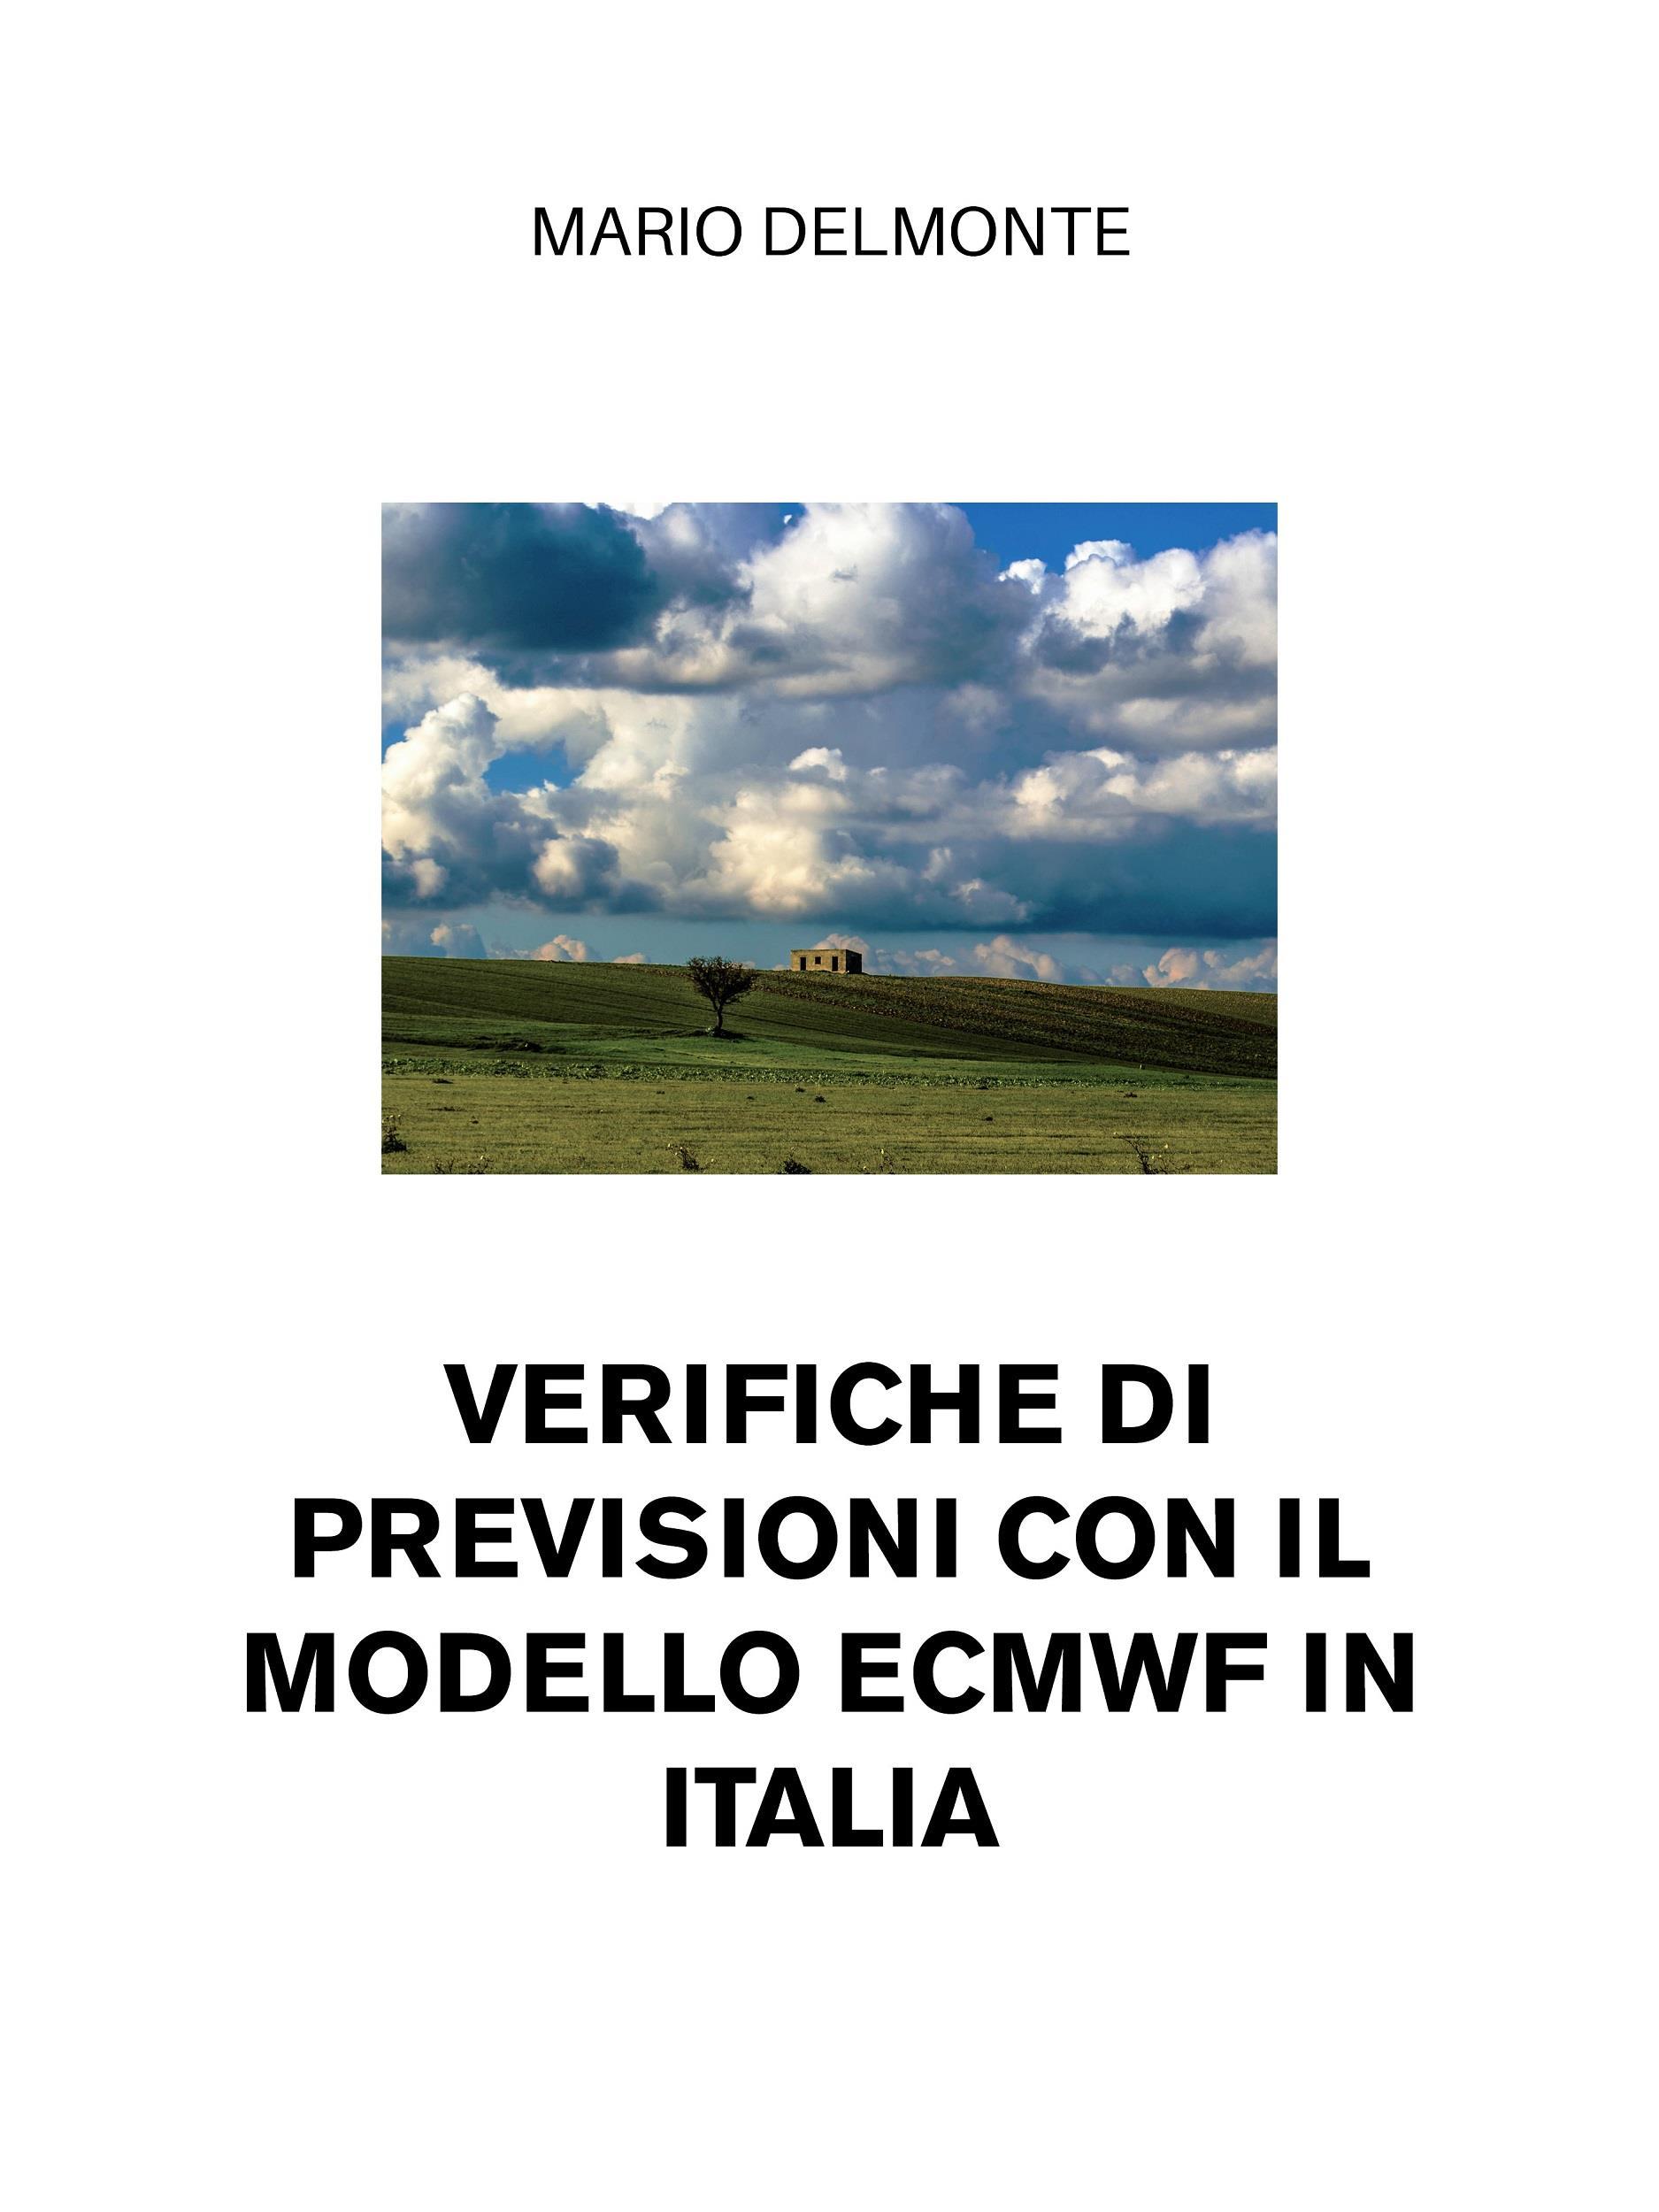 Verifiche di previsioni con il modello Ecmwf in Italia